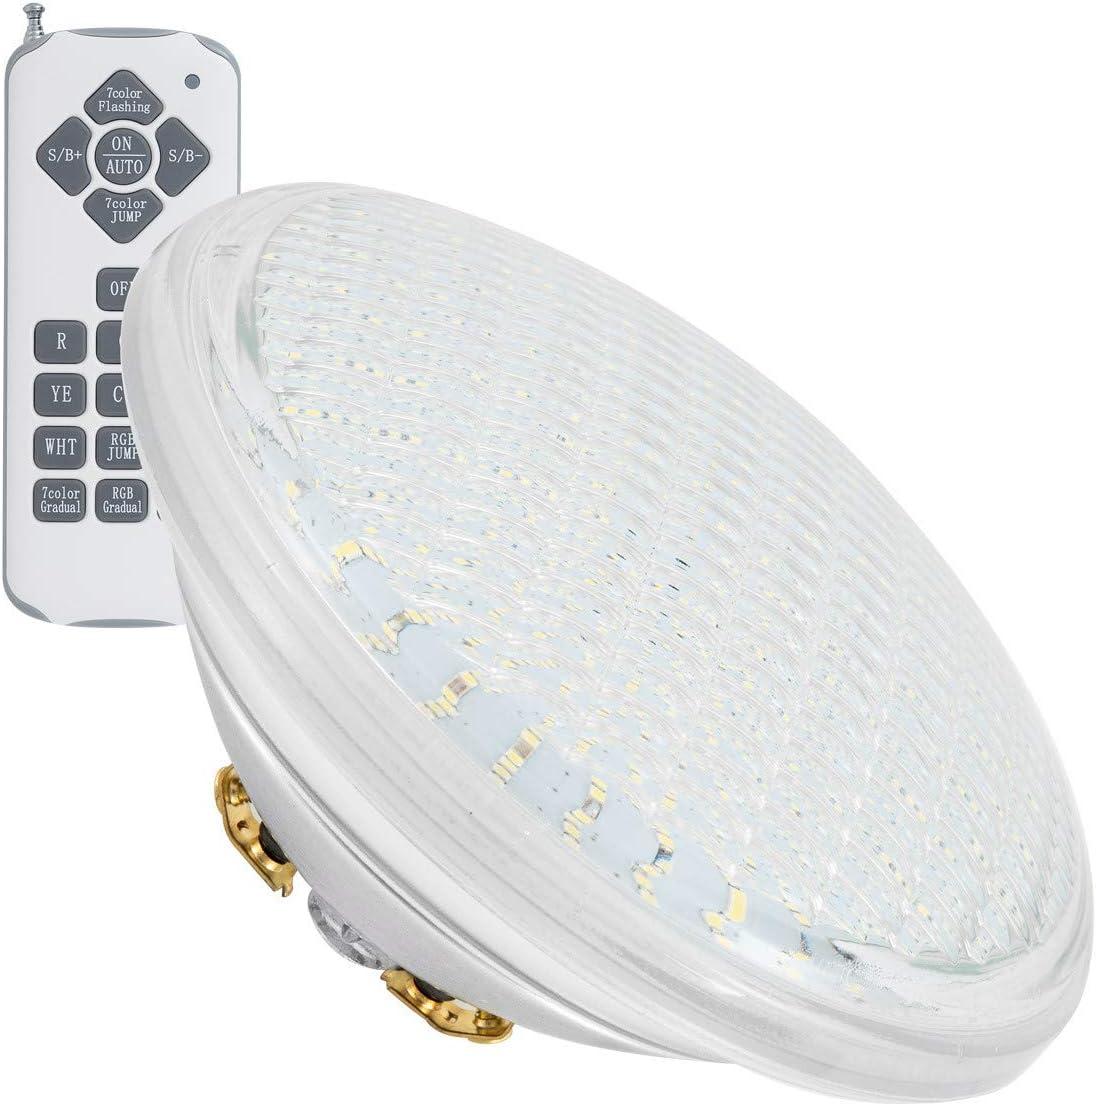 LEDKIA LIGHTING Adaptador Para Instalar en Nicho la Bombilla Slim LED Piscina Sumergible PAR56 Exclusive